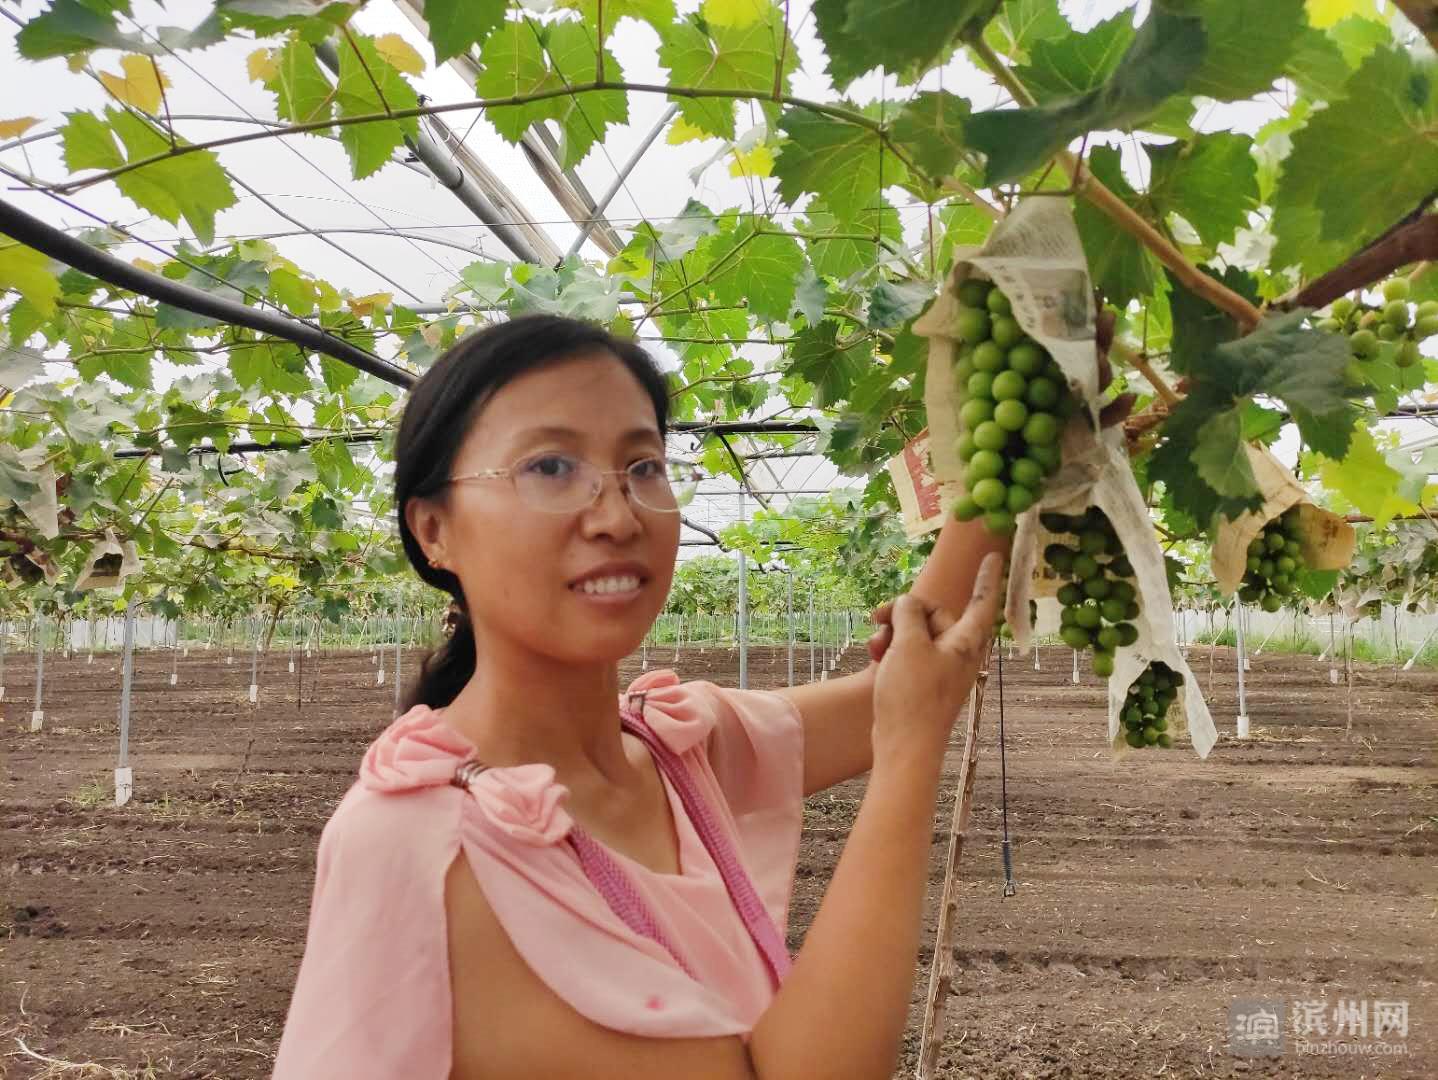 """""""喝矿泉水""""长大的葡萄树结果了!博兴曹王镇与中国农科院合力打造优质葡萄种植区"""